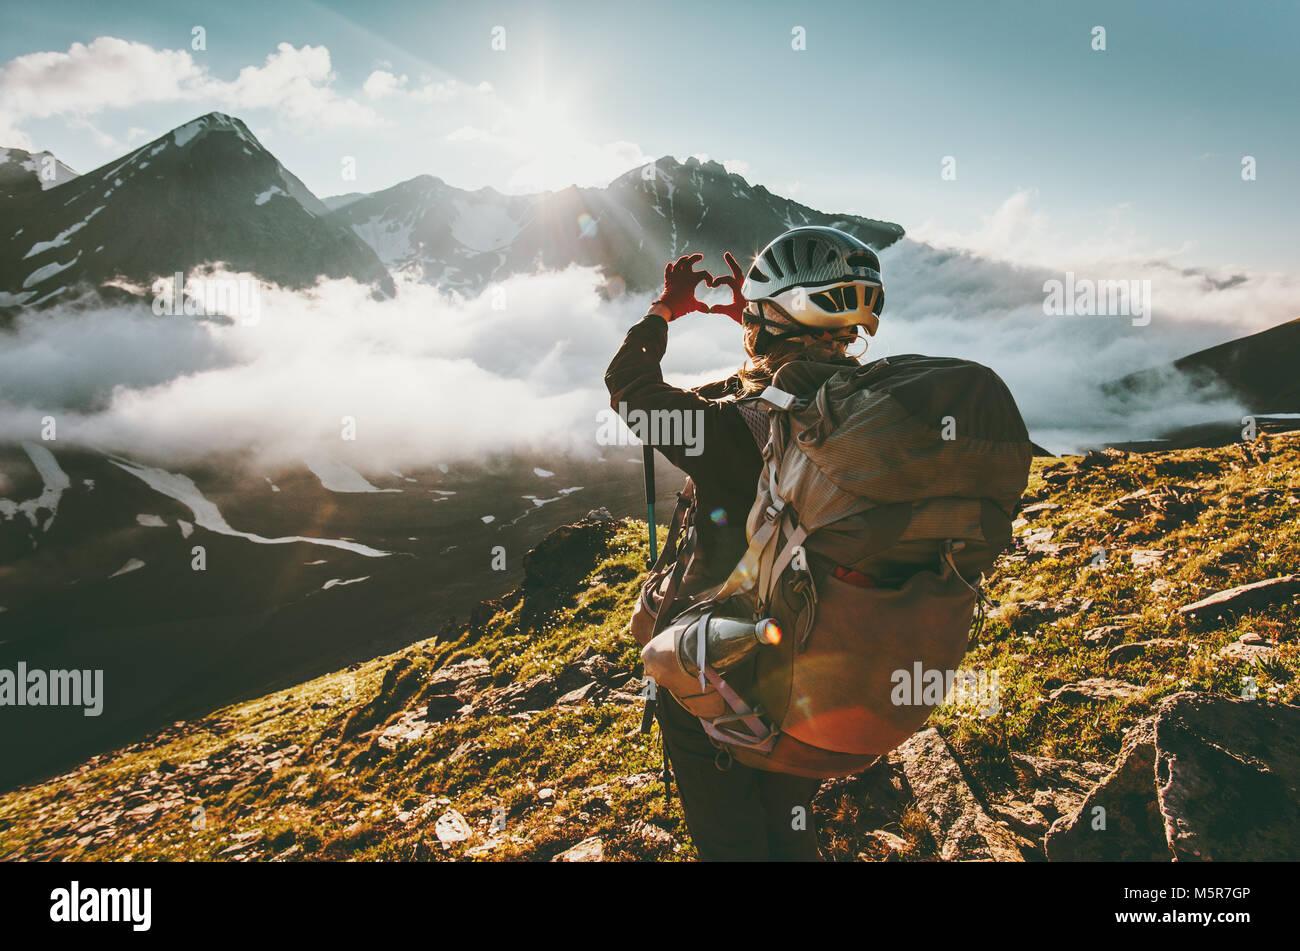 Backpacker frau Hände mit Herz Form Berge wolken landschaft Reisen lifestyle Abenteuer Konzept Sommer Ferien Stockbild